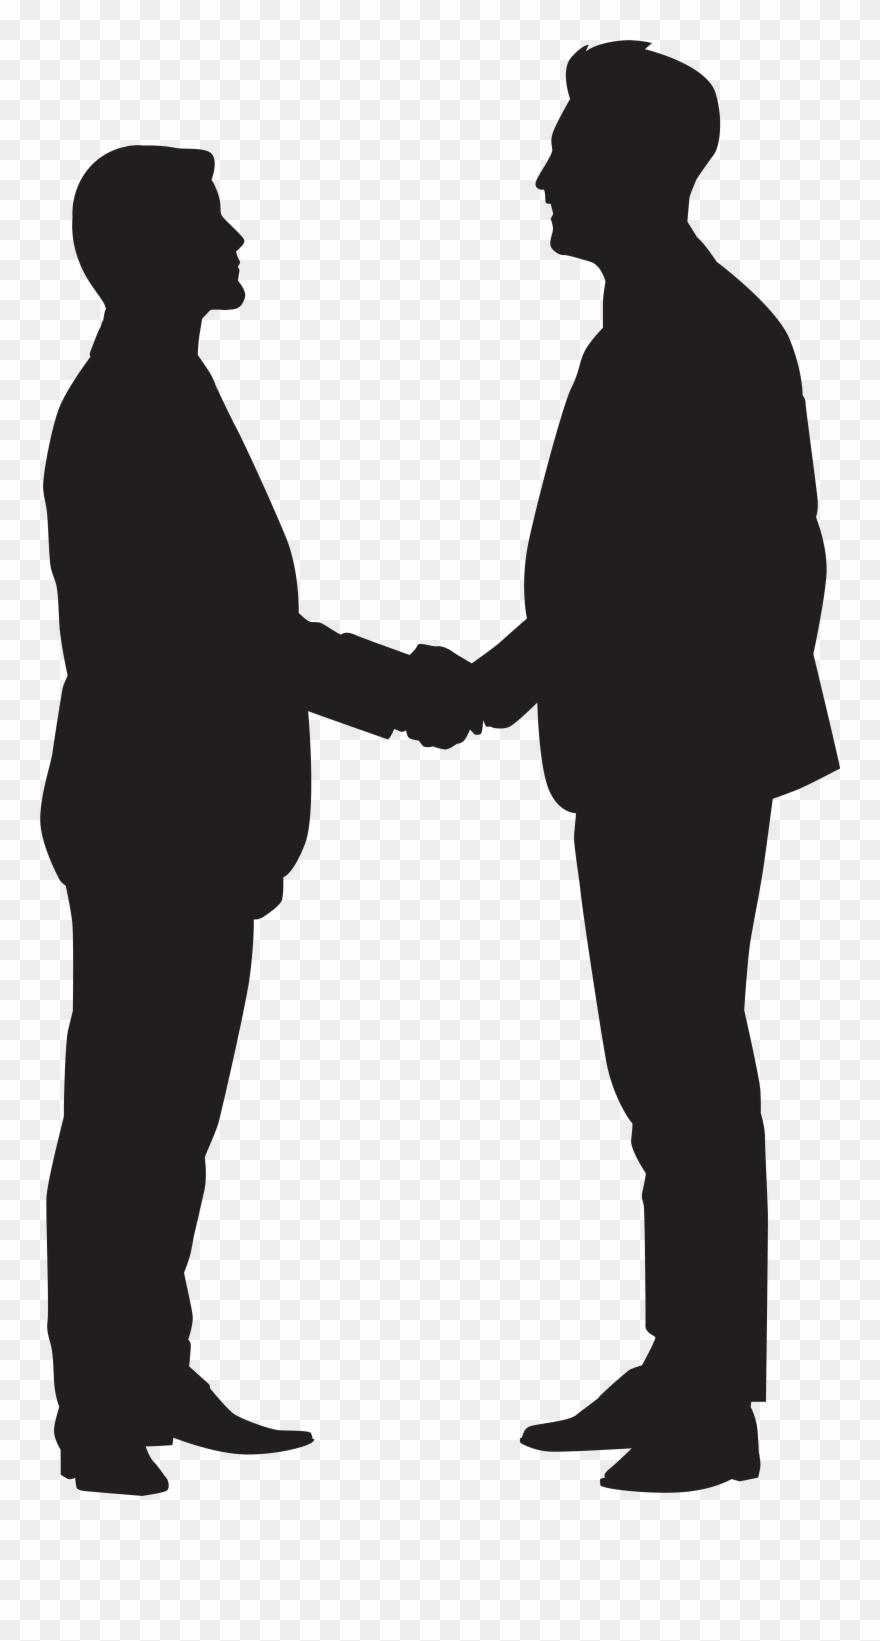 880x1641 Men Shaking Hands Clipart